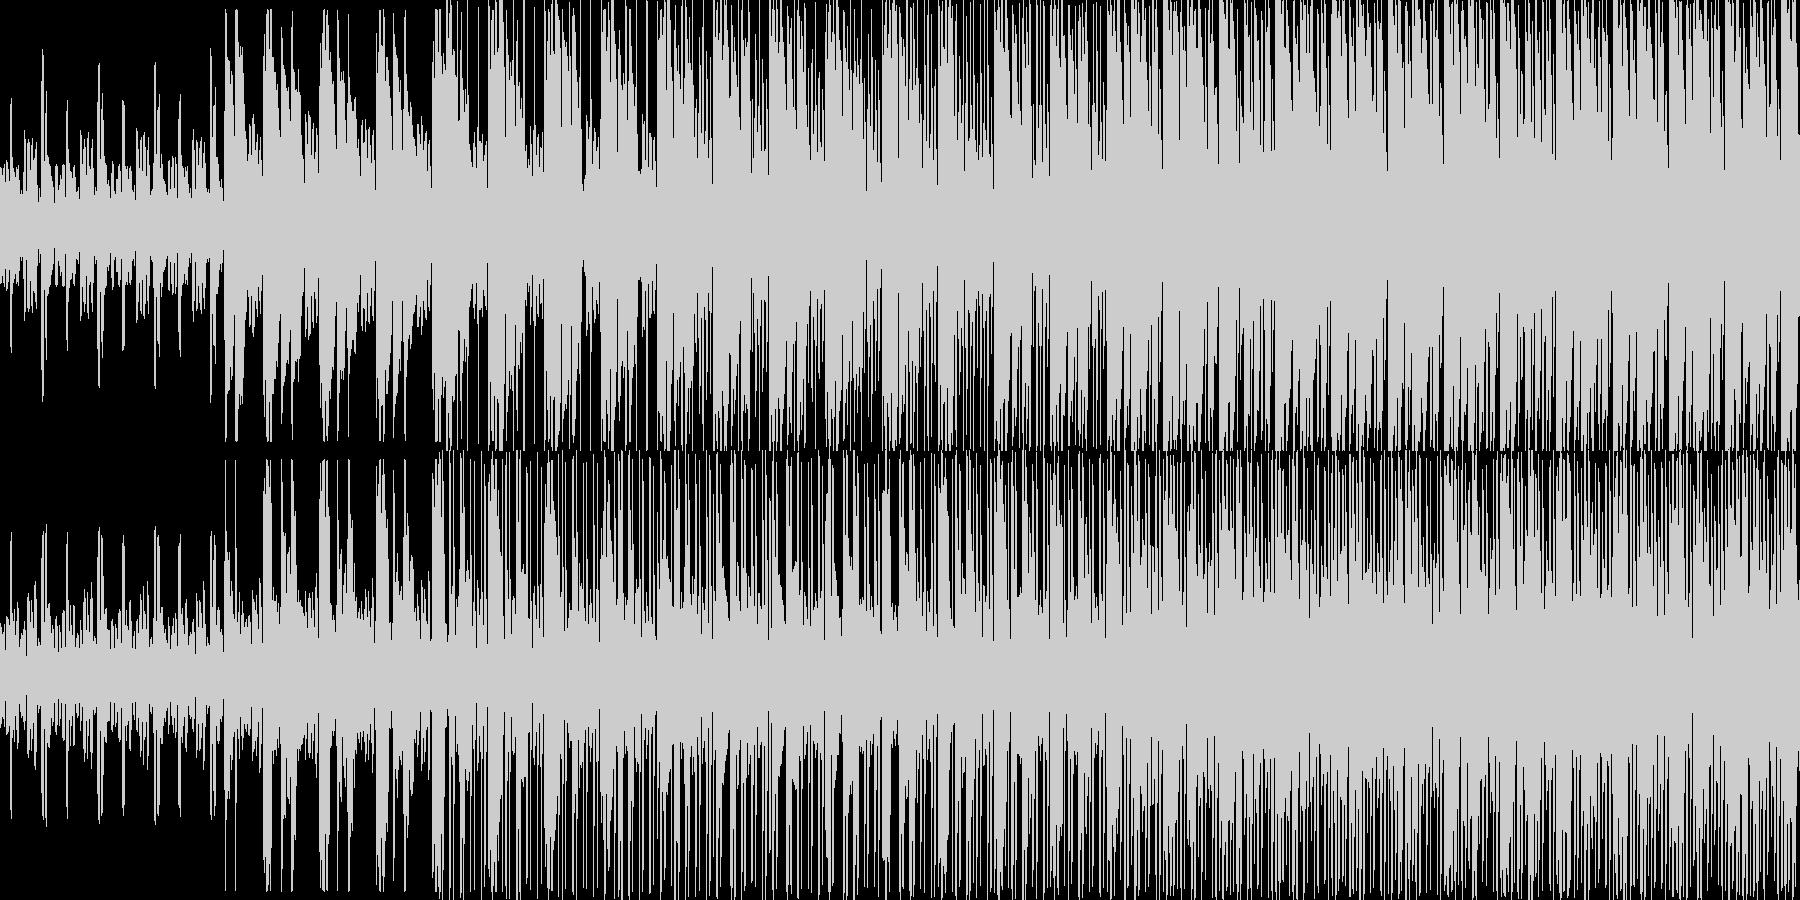 1分が長く感じられるような繰り返しが続…の未再生の波形